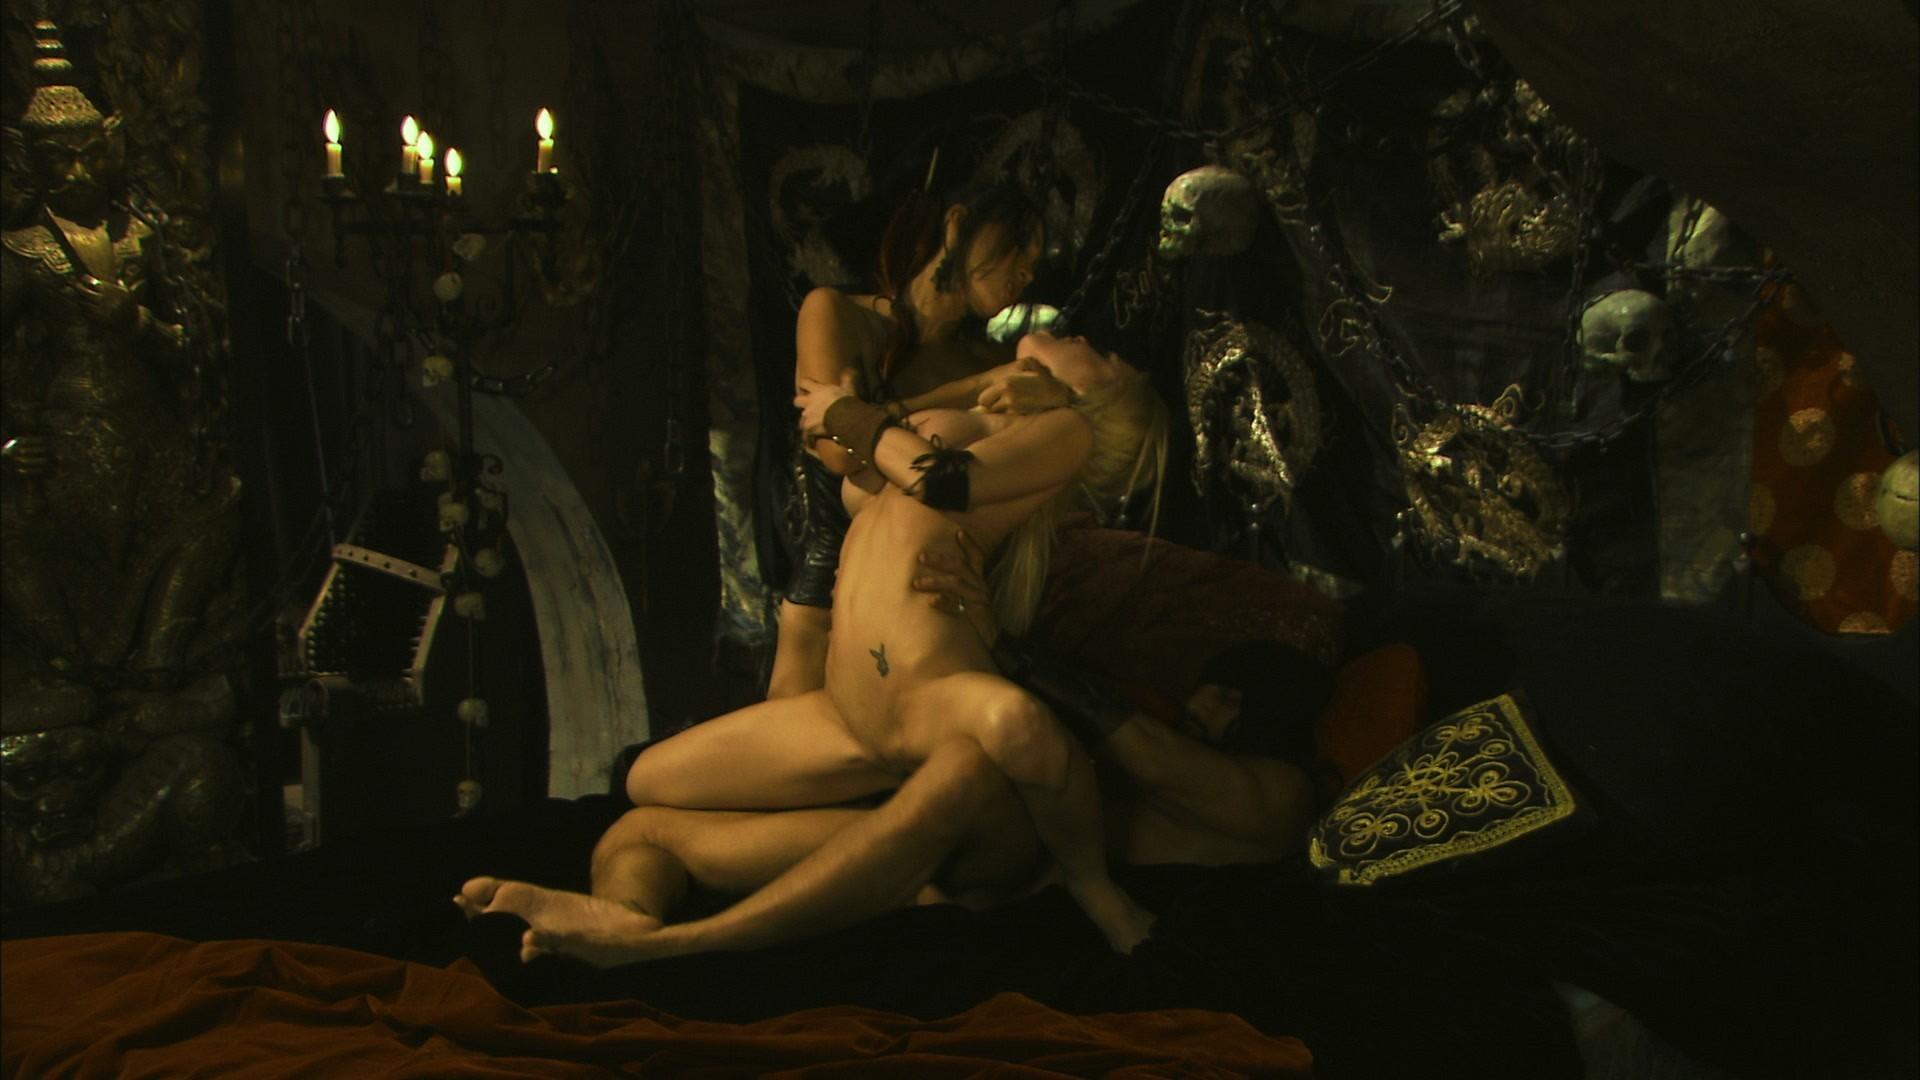 Эротика пираты онлайн, Пираты Pirates Смотреть порно фильм онлайн 18 фотография